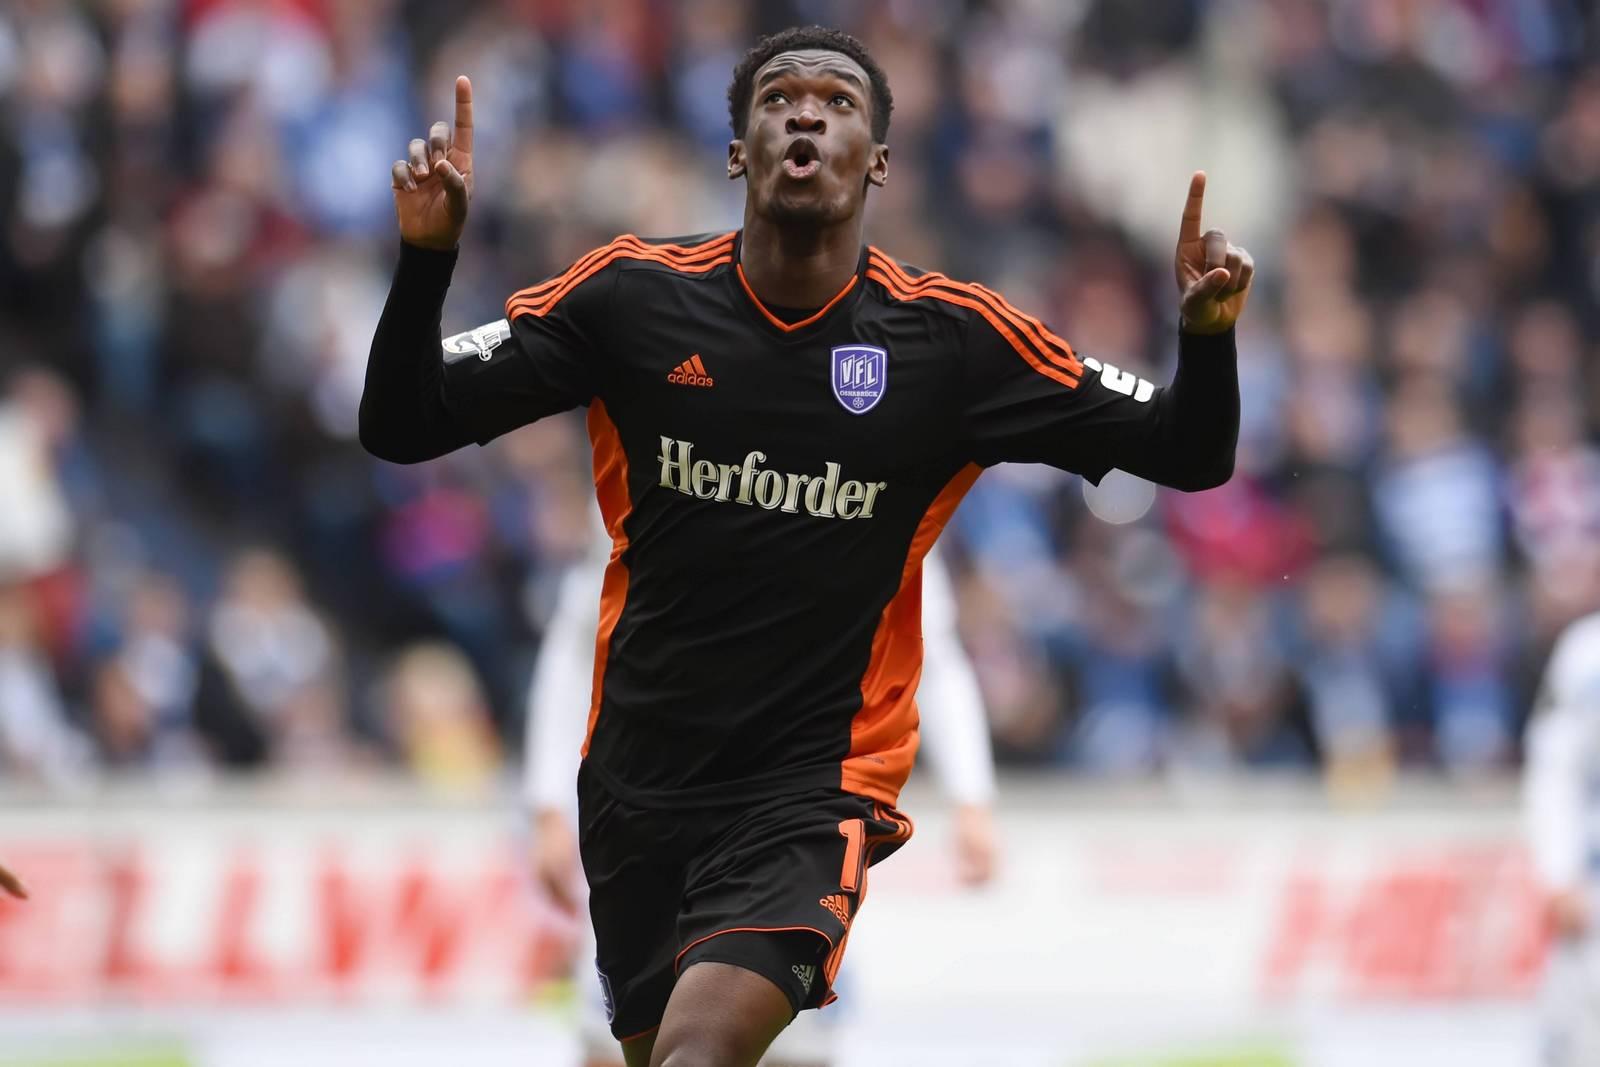 Kwasi Okyere Wriedt jubelt über eines seiner Tore.